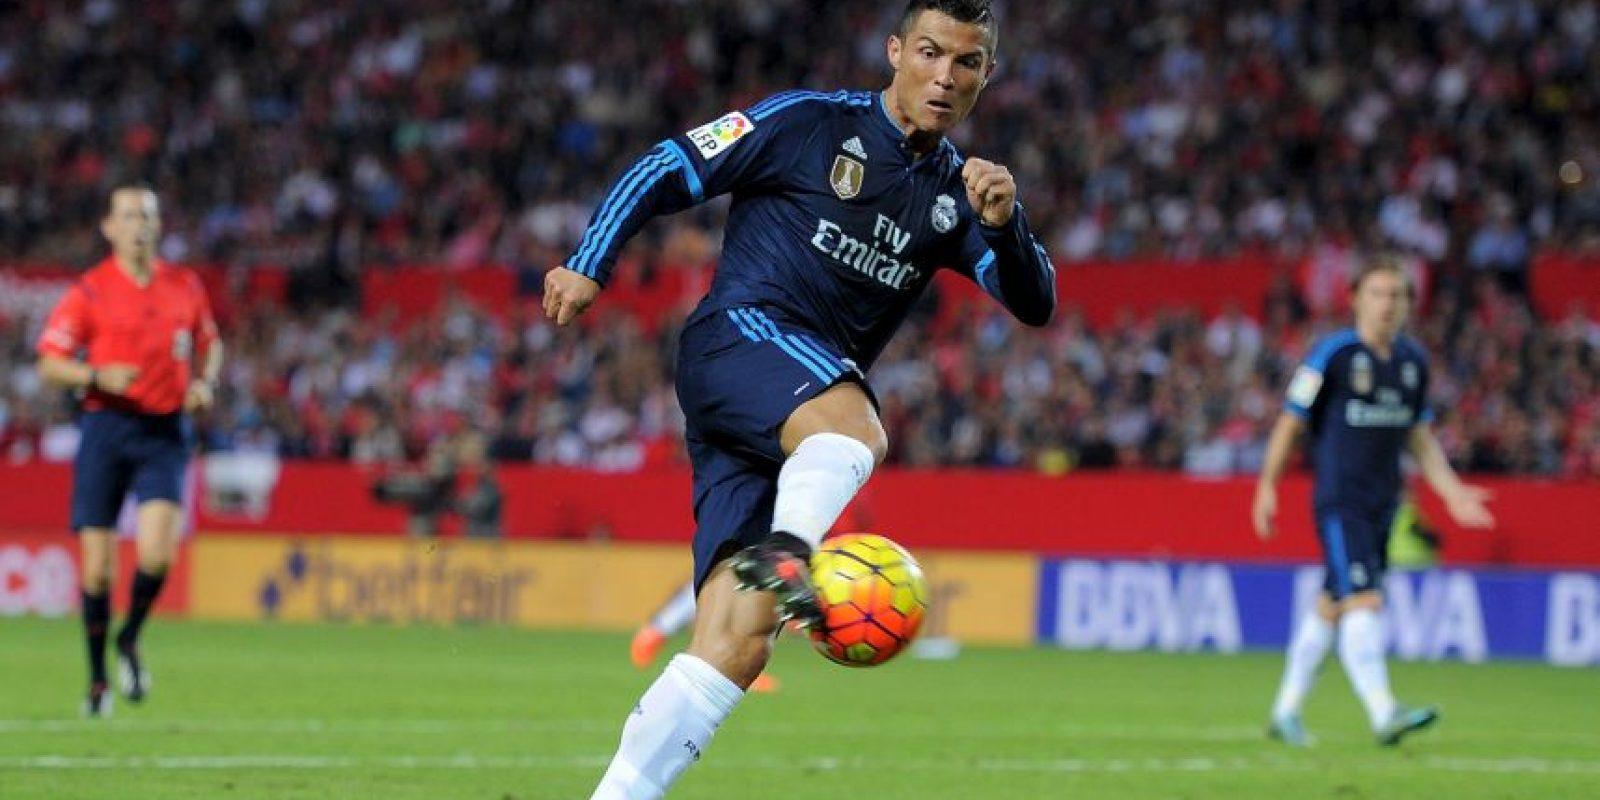 En Madrid, su relación con el técnico Rafa Benítez ya se desgastó. Foto:Getty Images